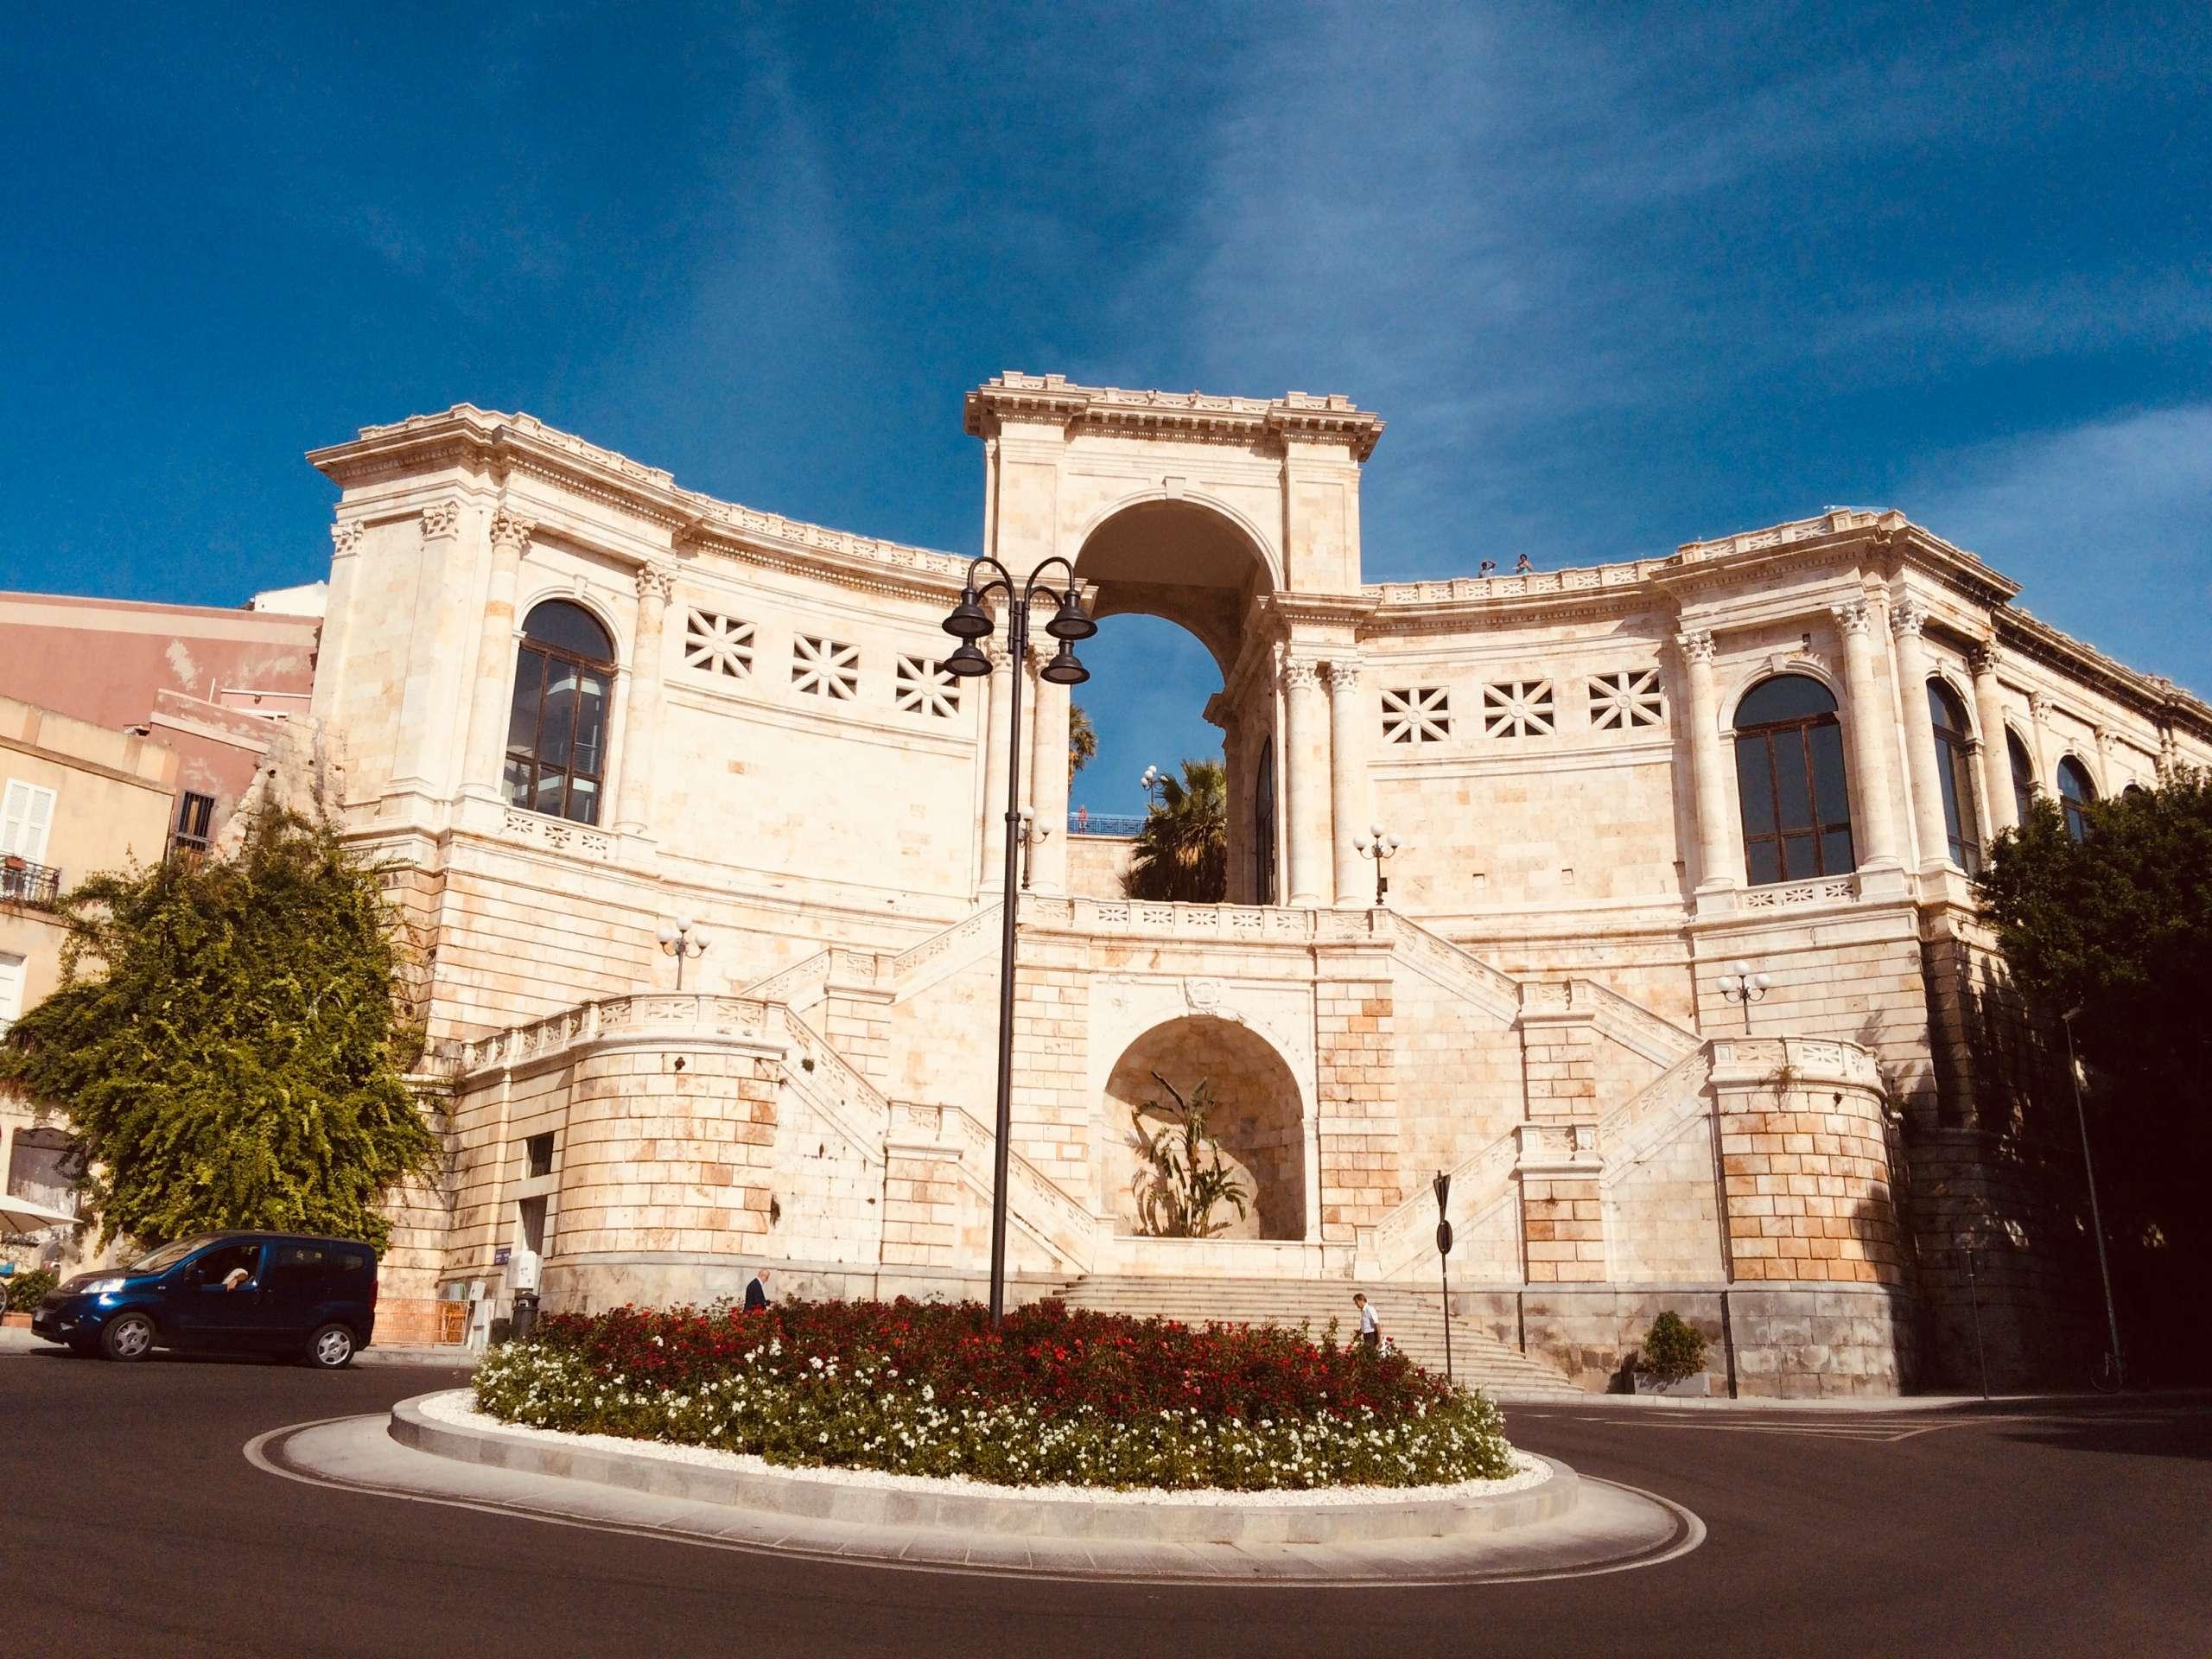 Frontansicht Bastione di Saint Remy Cagliari Sardinien